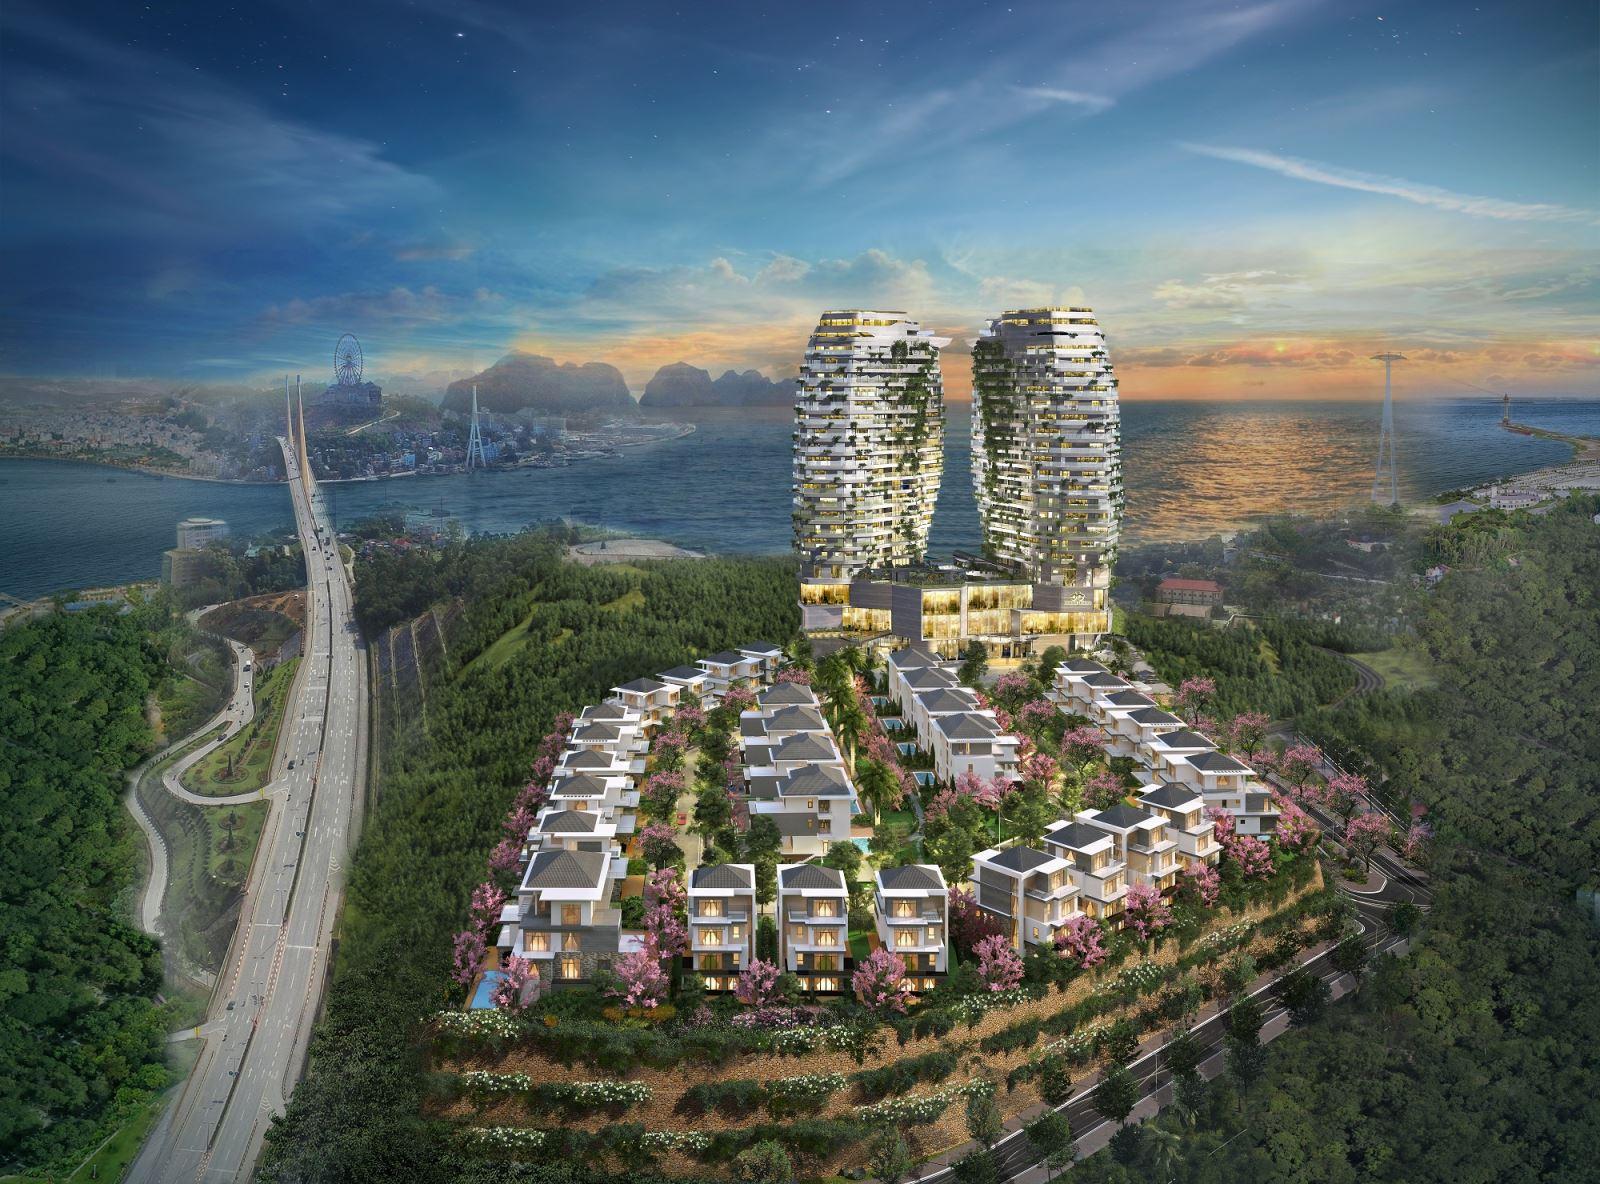 Phoenix Legend Villas, Hotel And Residences – Kiến tạo kỳ quan trong lòng di sản